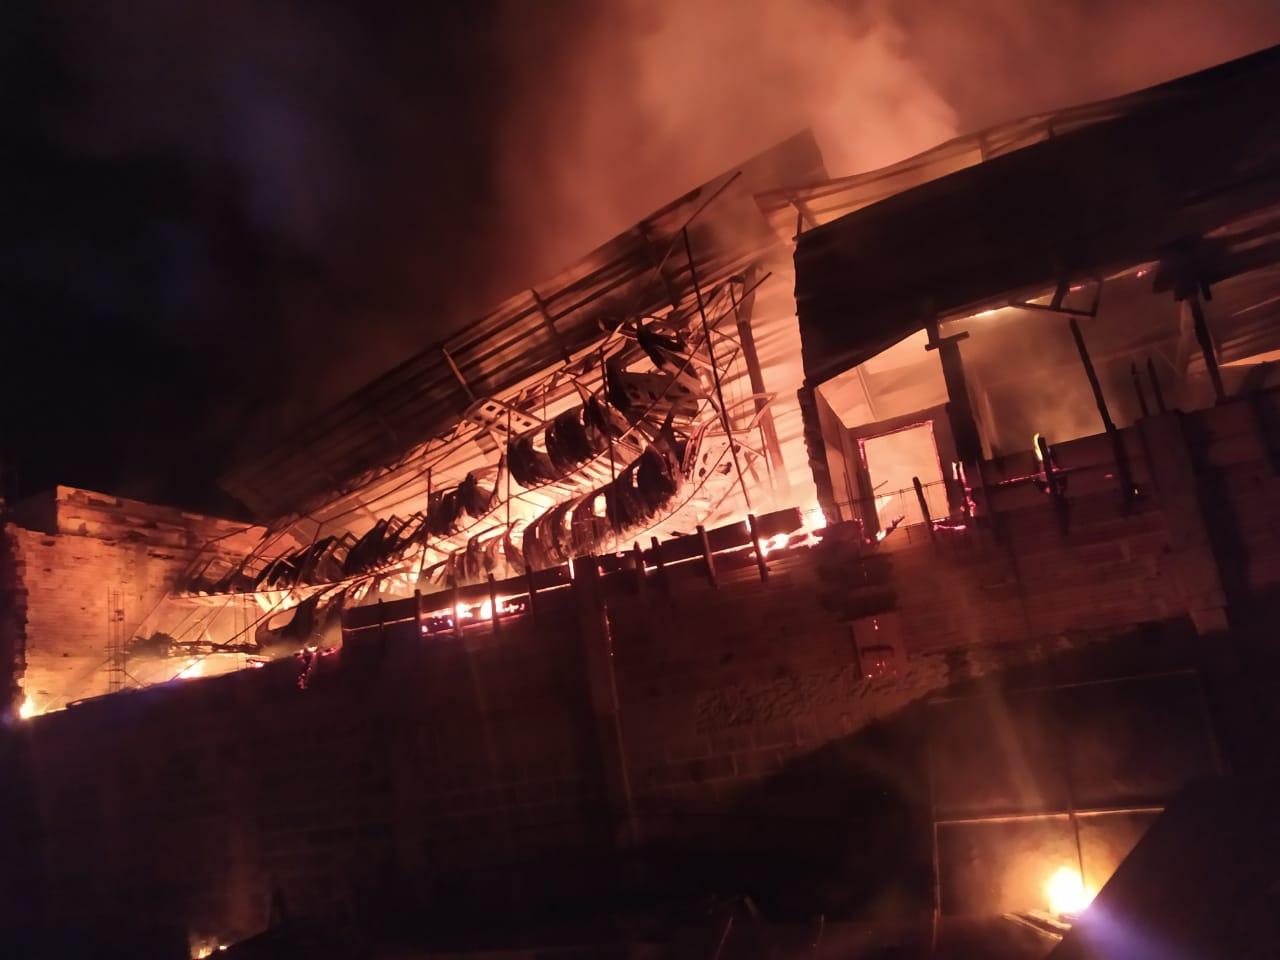 Incêndio de grandes proporções destrói ferro-velho em Divinópolis - Foto: Divulgação/Corpo de Bombeiros